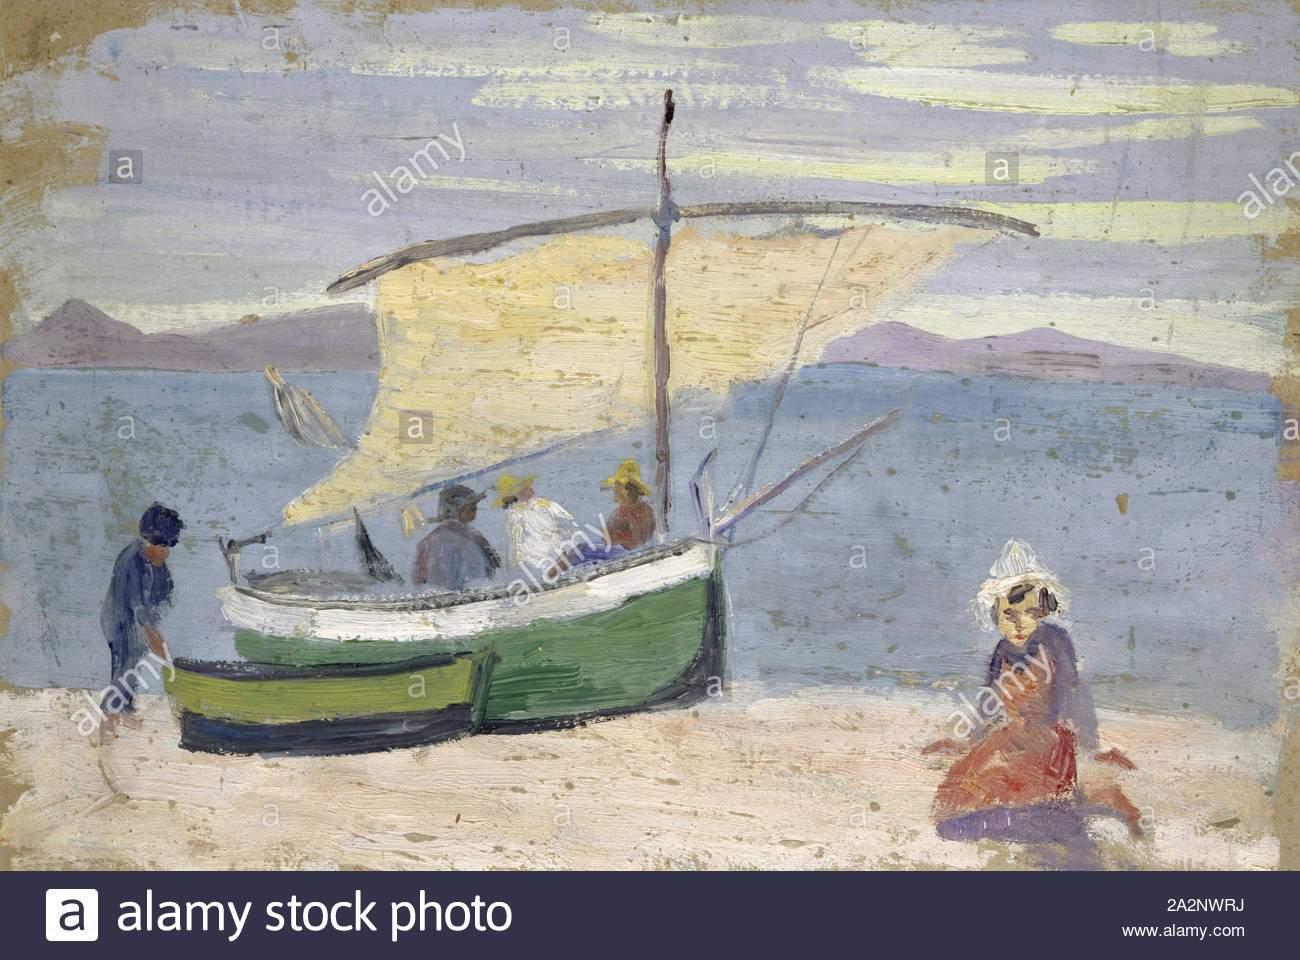 fischerboot am strand ol auf karton 285 x 425 cm ernst schiess basel 1872 1919 valencia 2a2nwrj